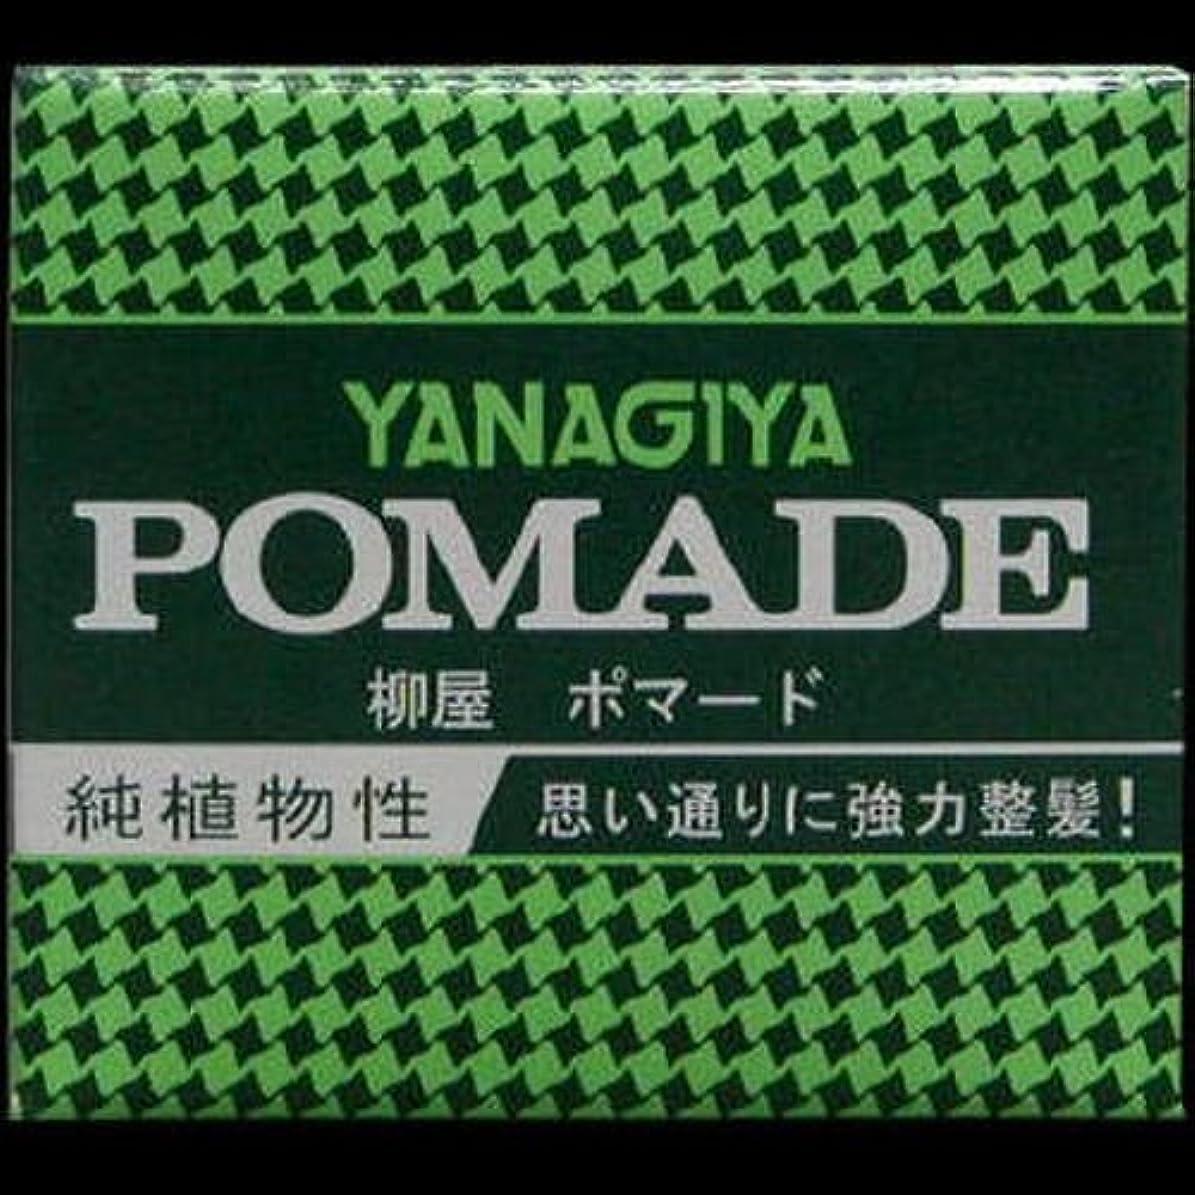 反応する夜間目立つ【まとめ買い】柳屋 ポマード小 63g ×2セット